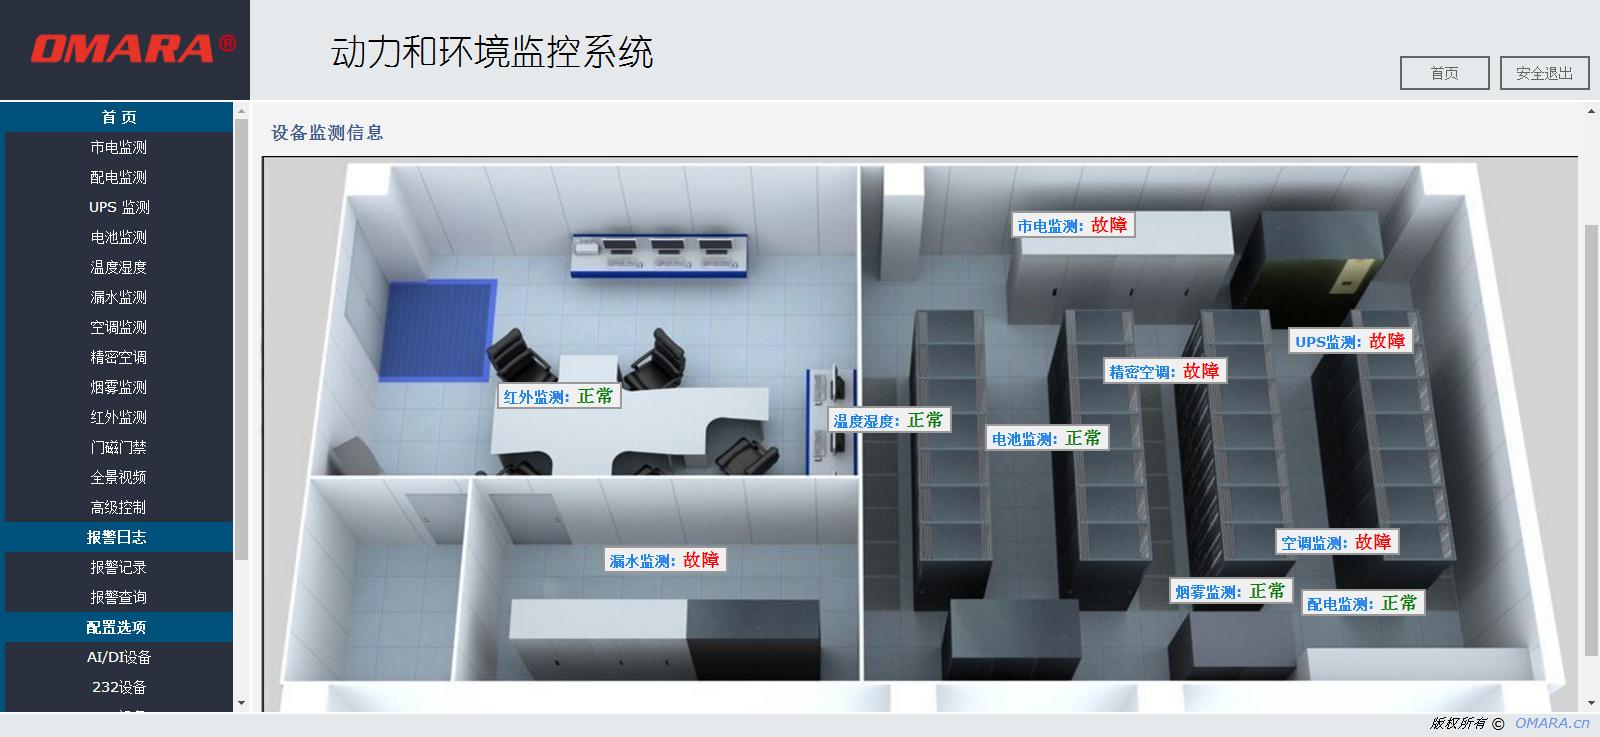 嵌入式机房监控软件